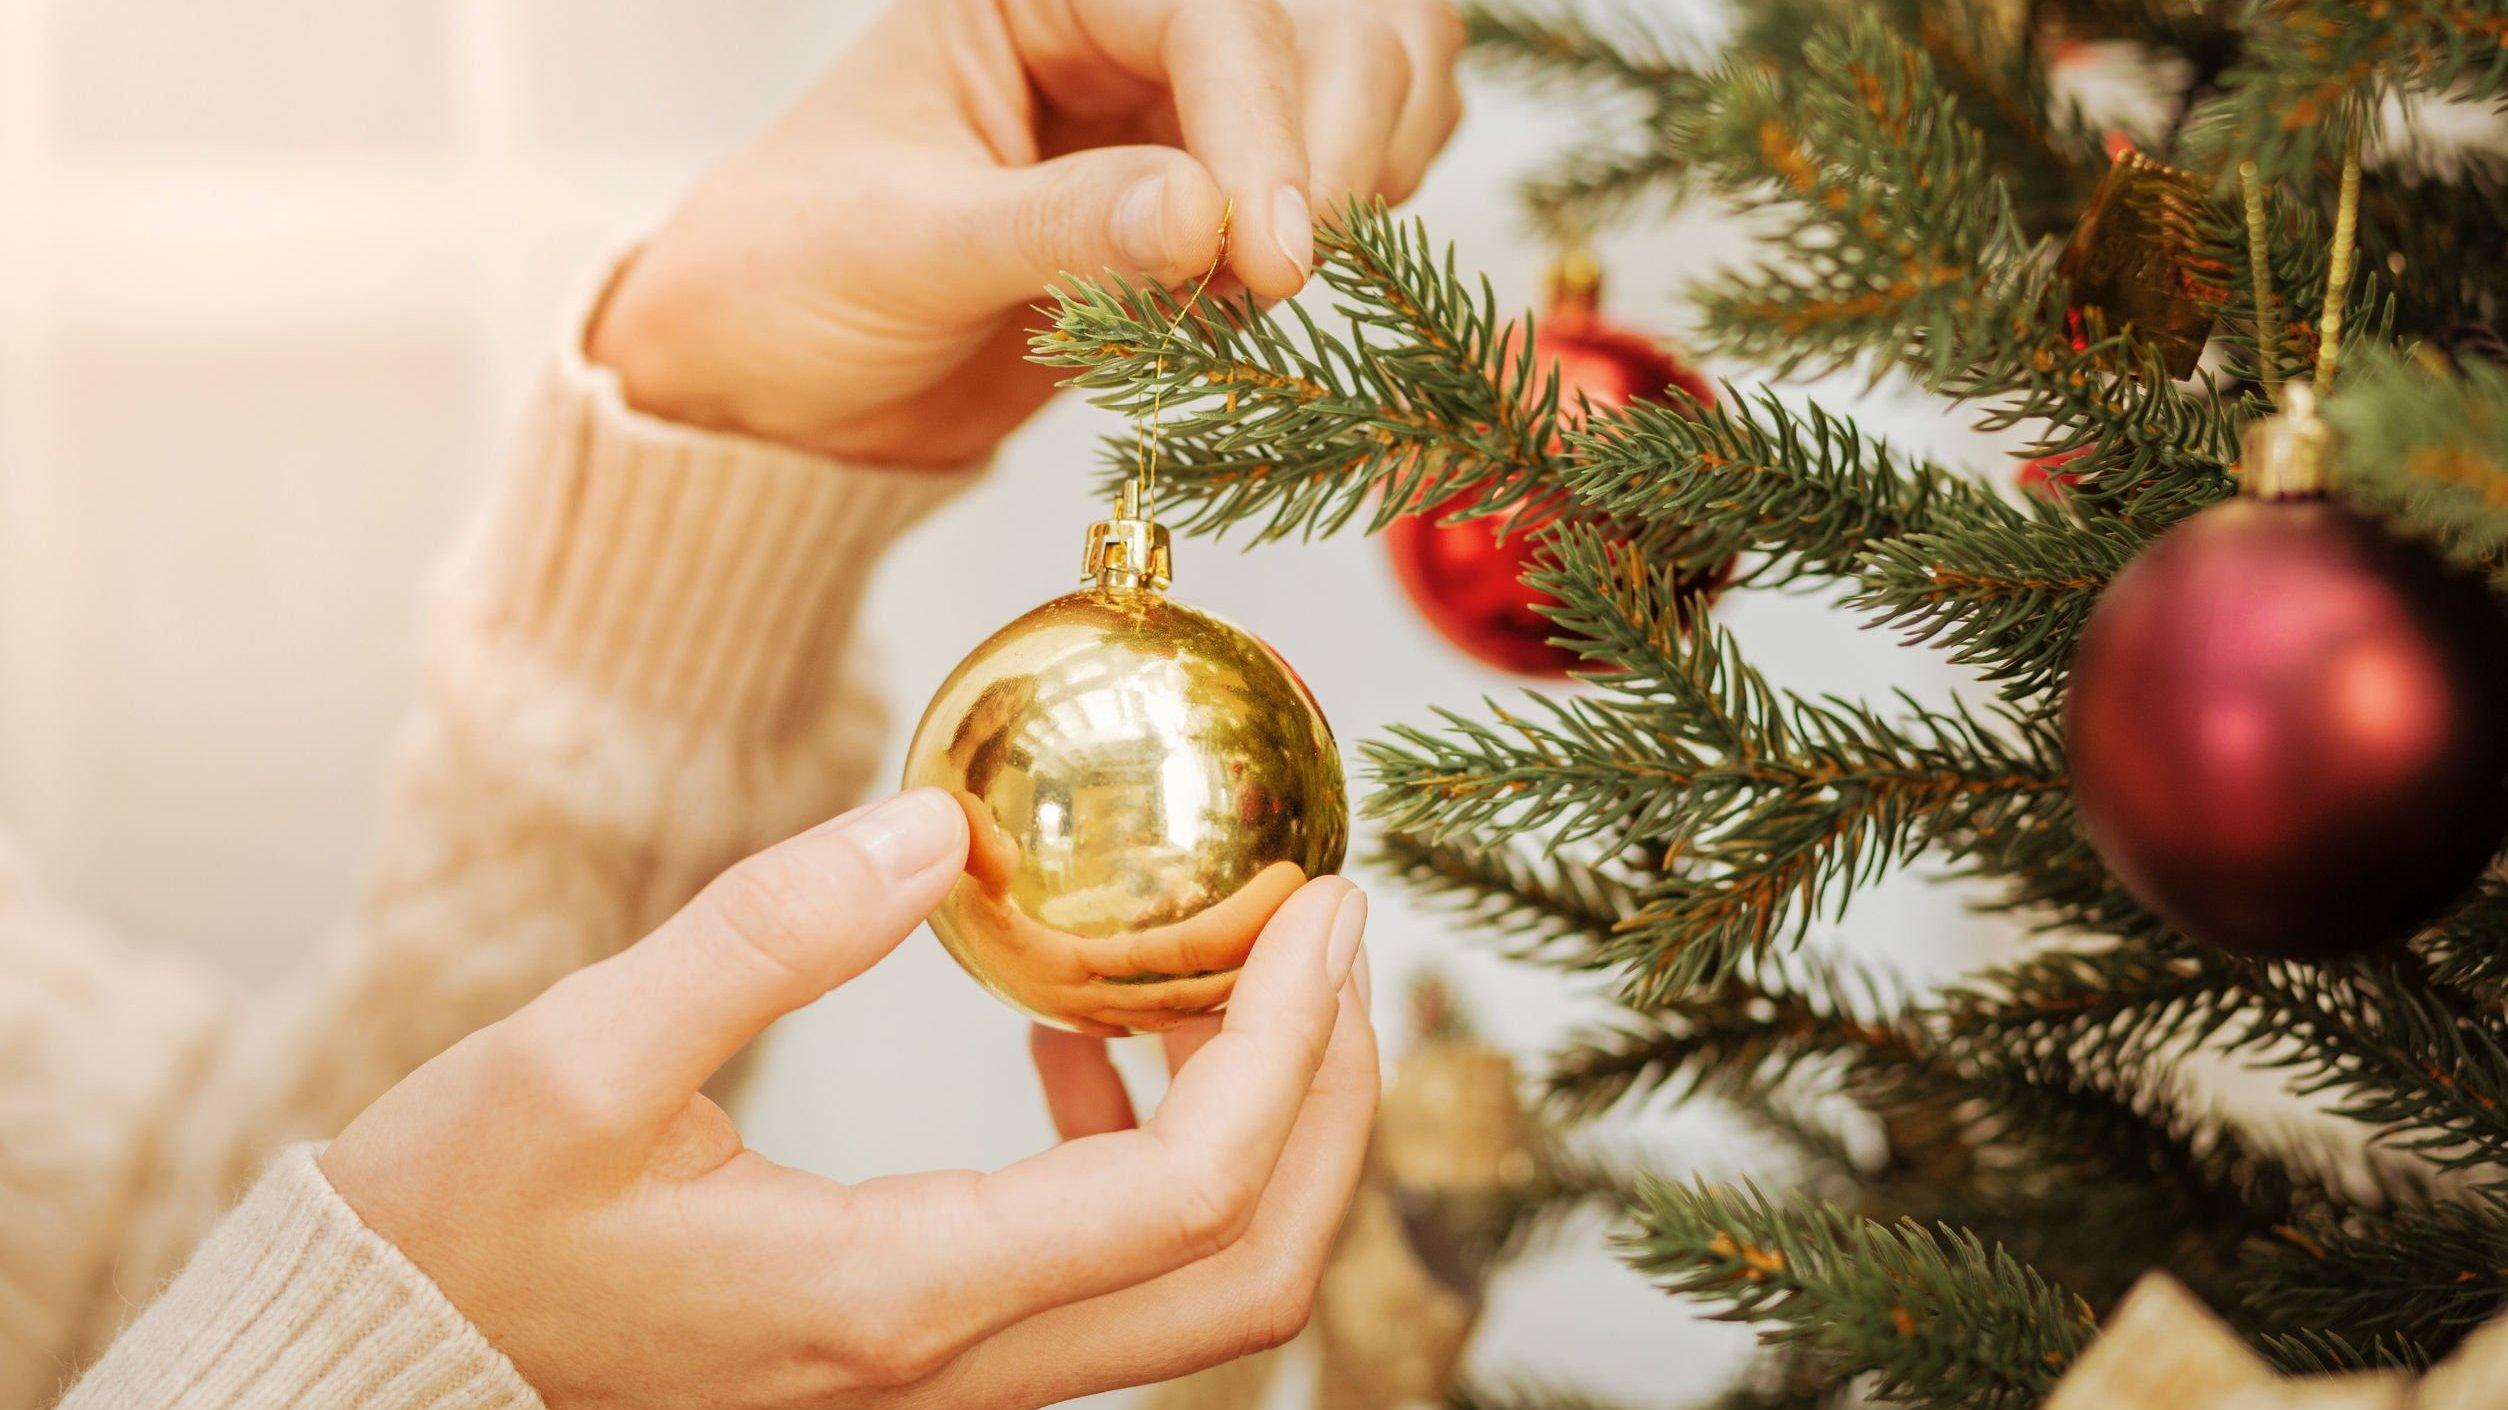 Mulher colocando enfeite de natal na árvore